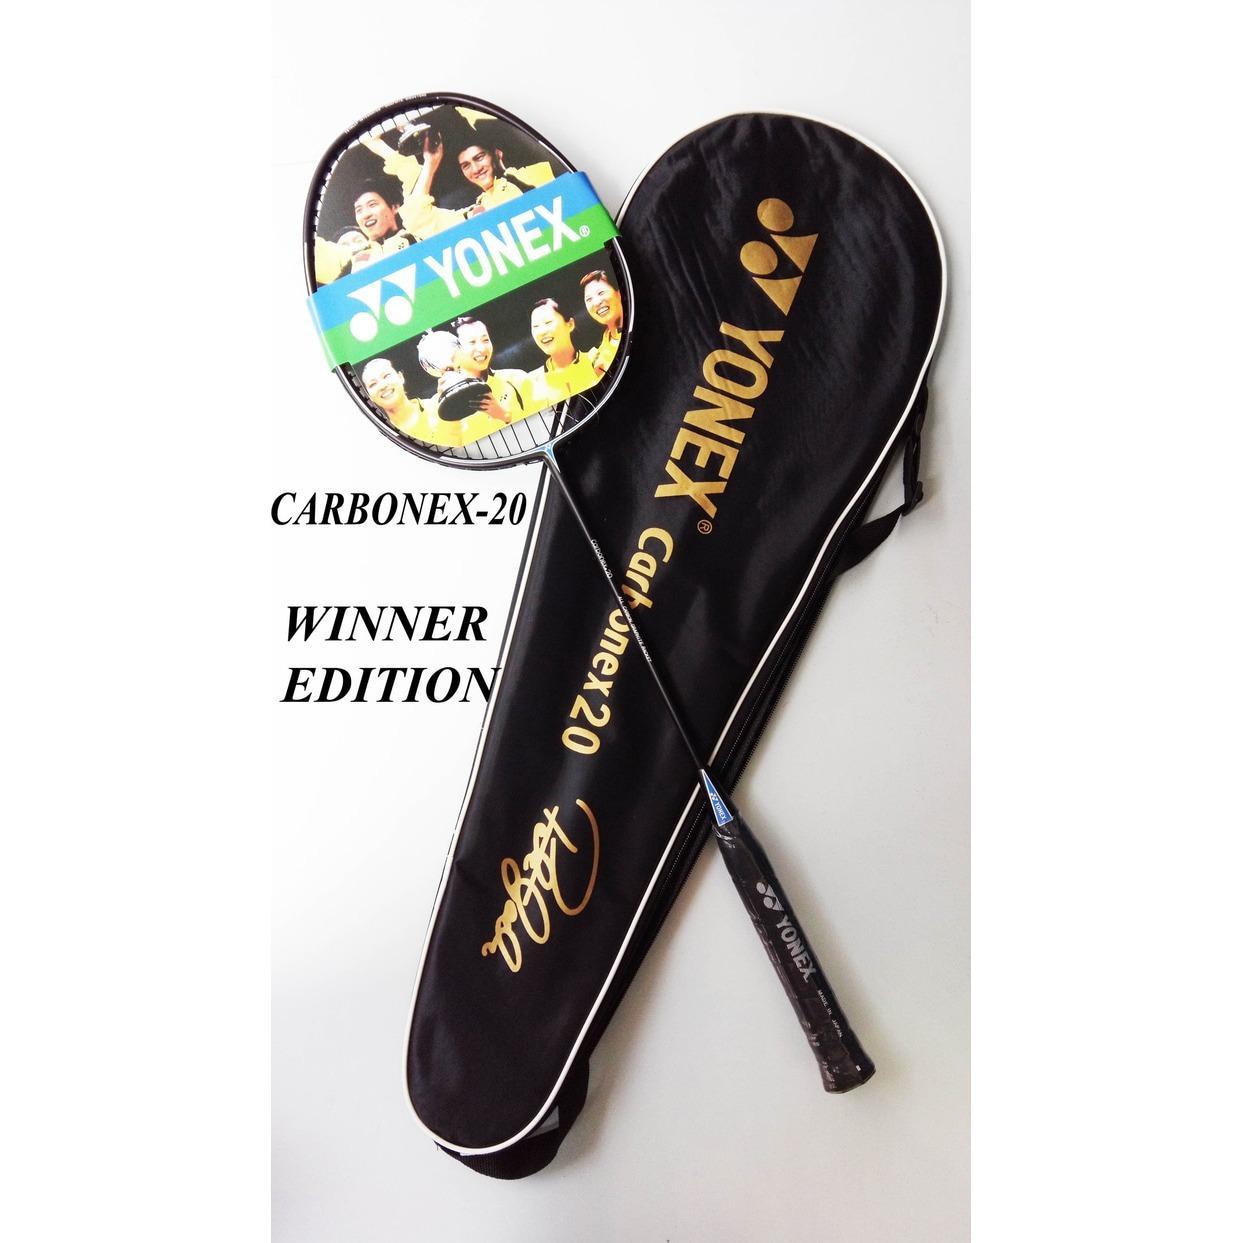 Jual Raket Bulutangkis Terbaik Badminton Morris Carbonex 20 Winner Edition 2018 Emboss Emas Bawah Gagang